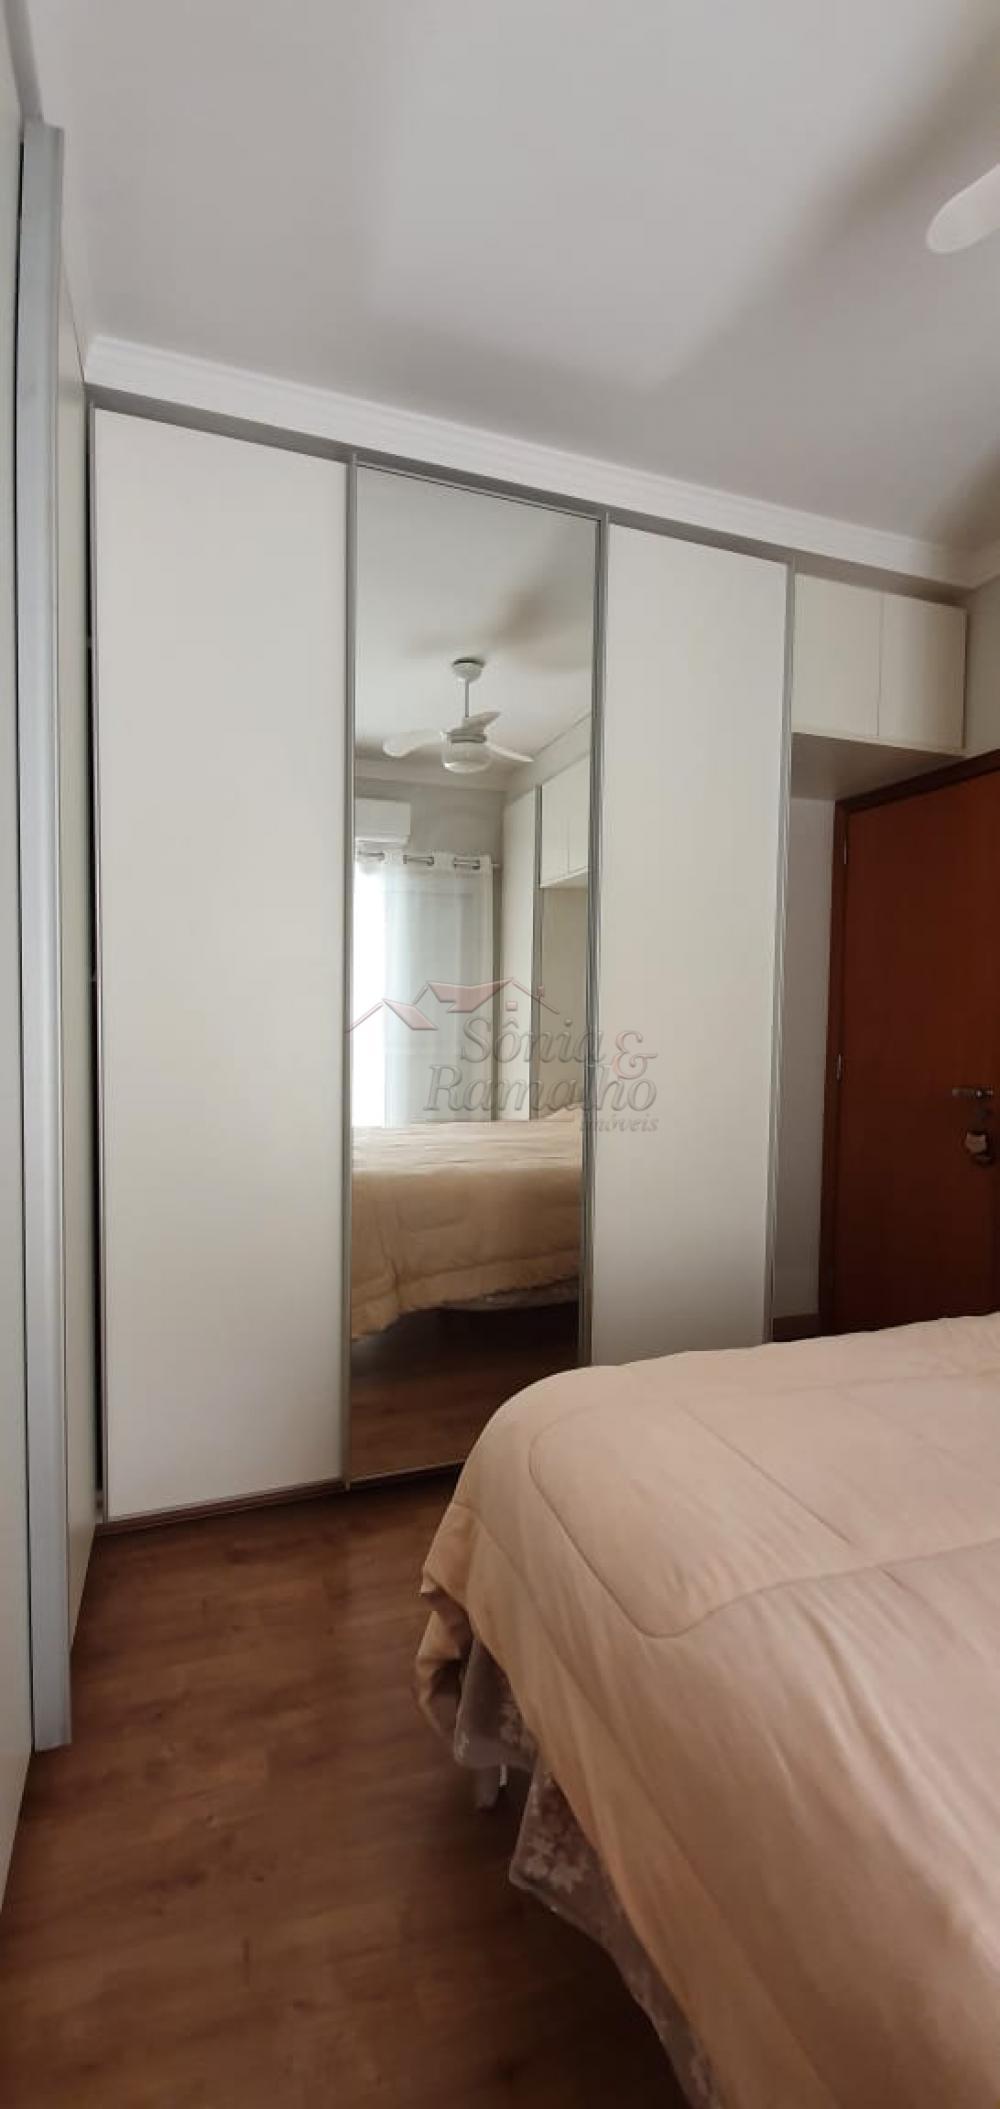 Alugar Apartamentos / Padrão em Ribeirão Preto apenas R$ 777,77 - Foto 8